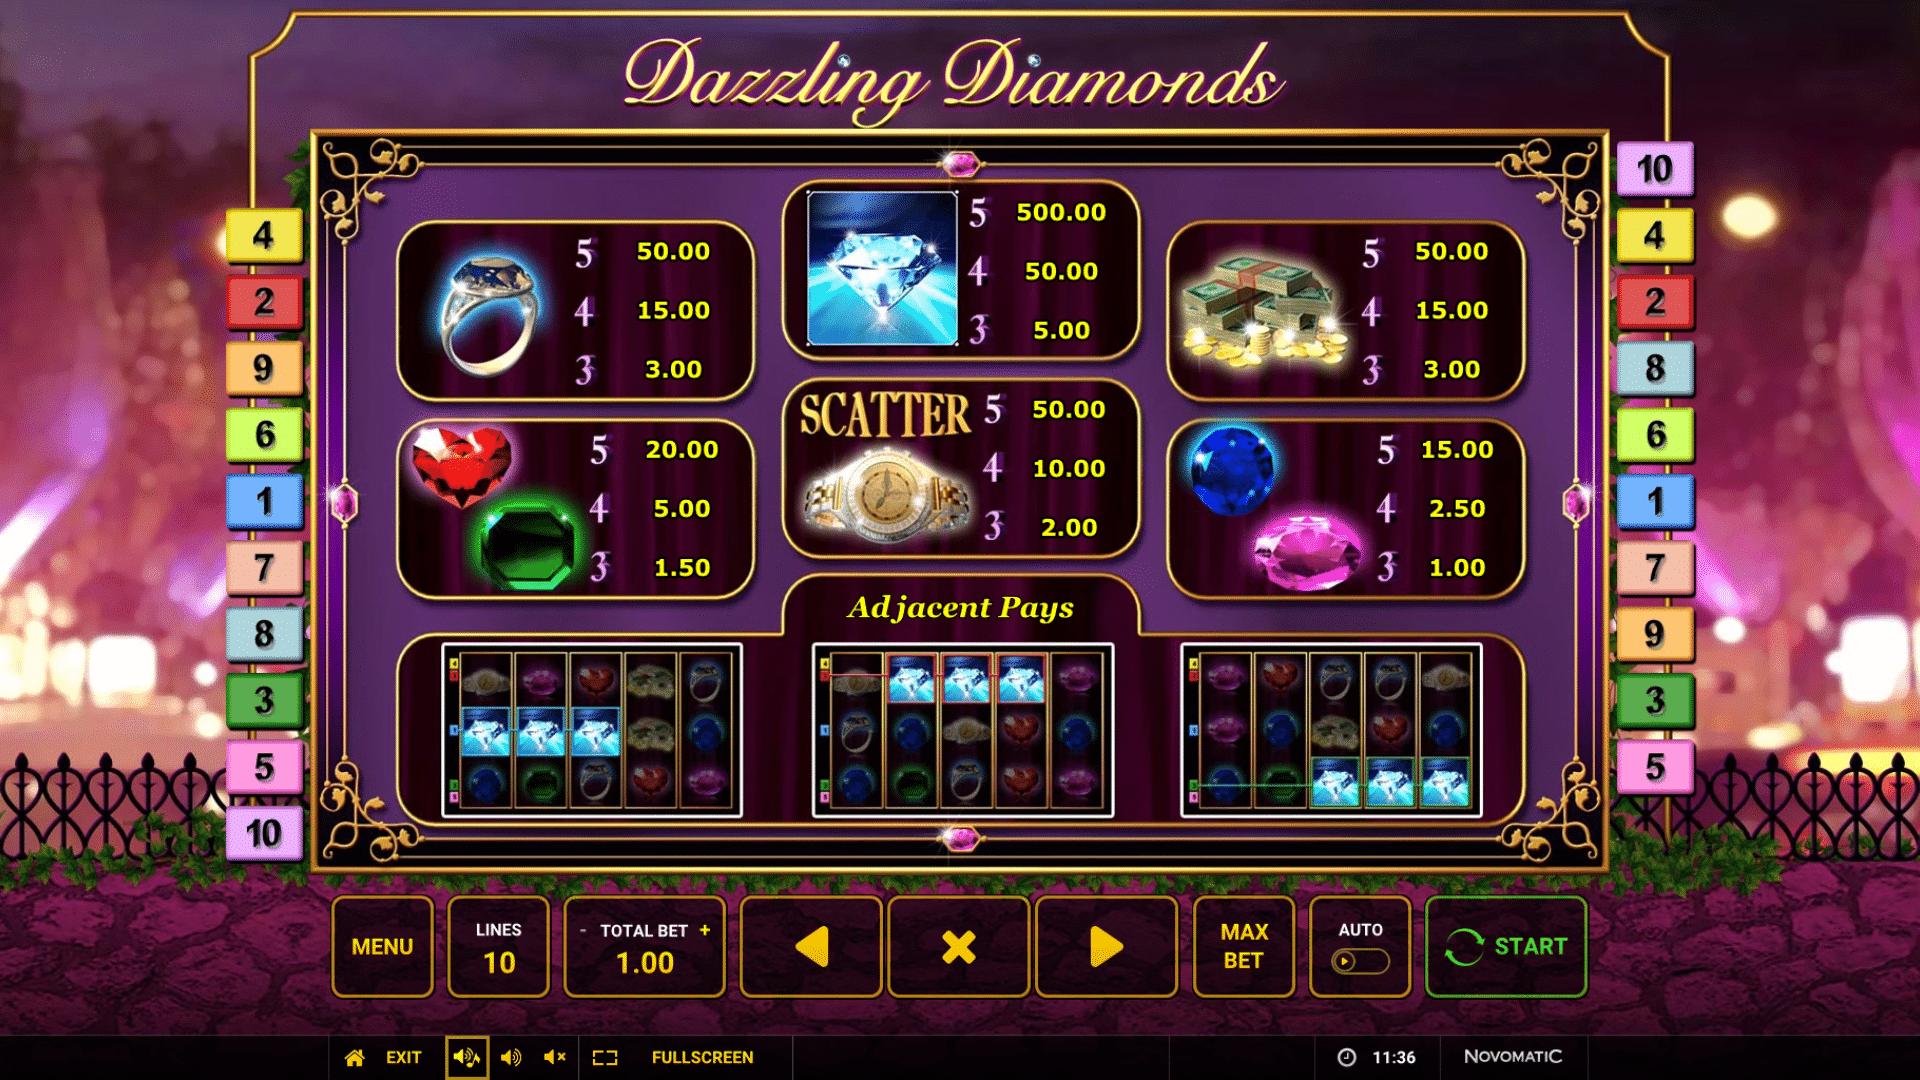 La tabella dei pagamenti della slot Dazzling Diamonds